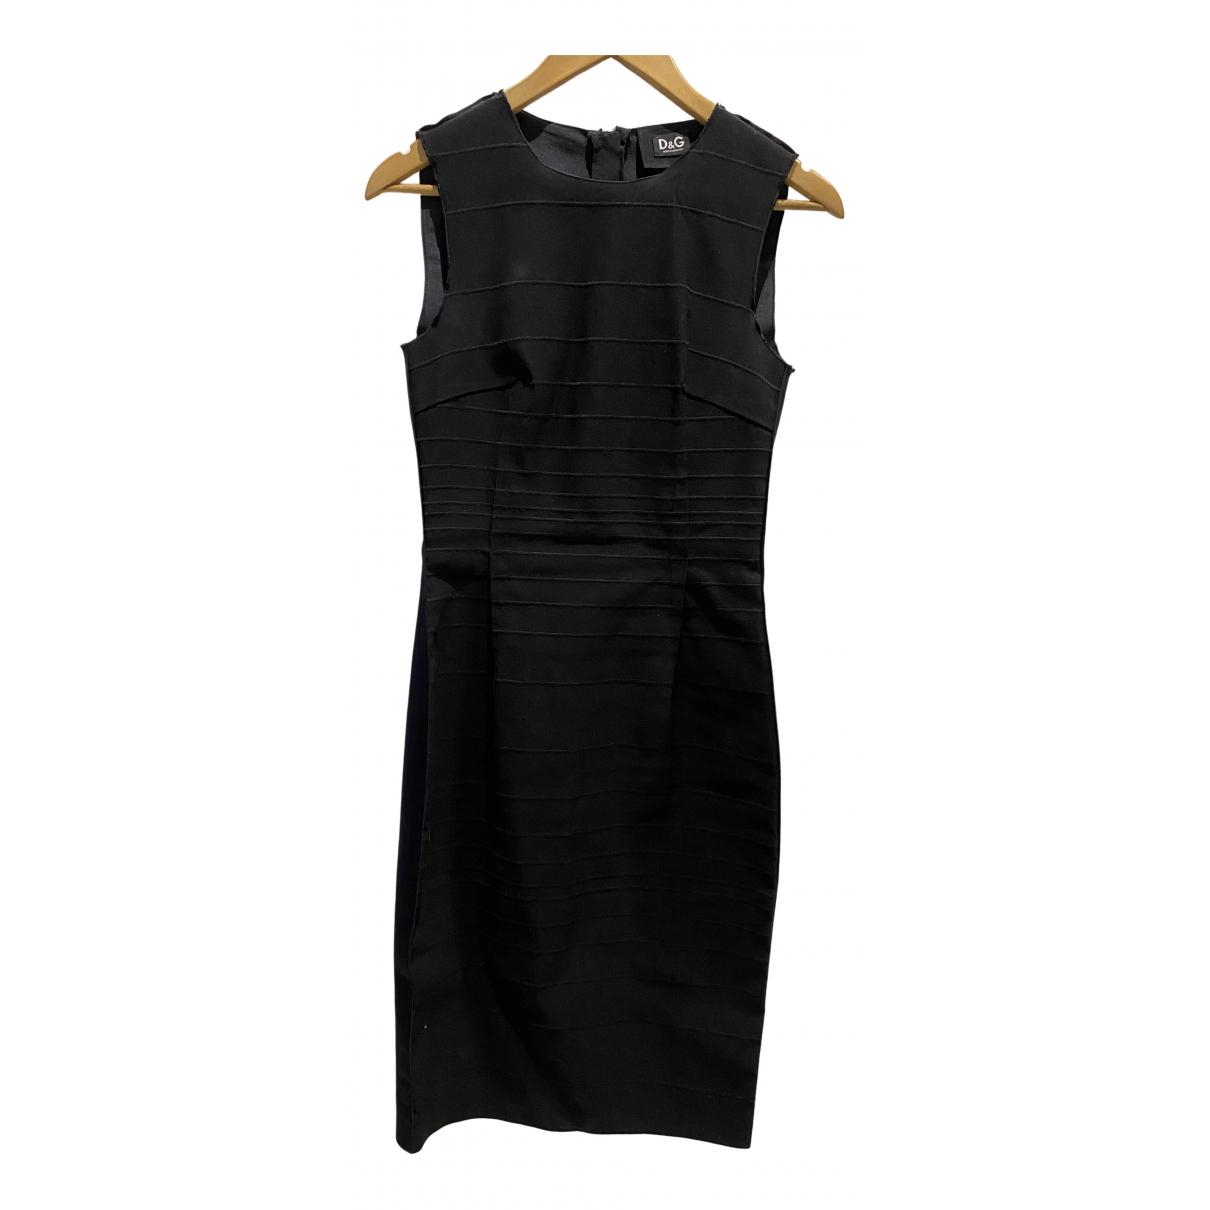 D&g N Black dress for Women 40 IT